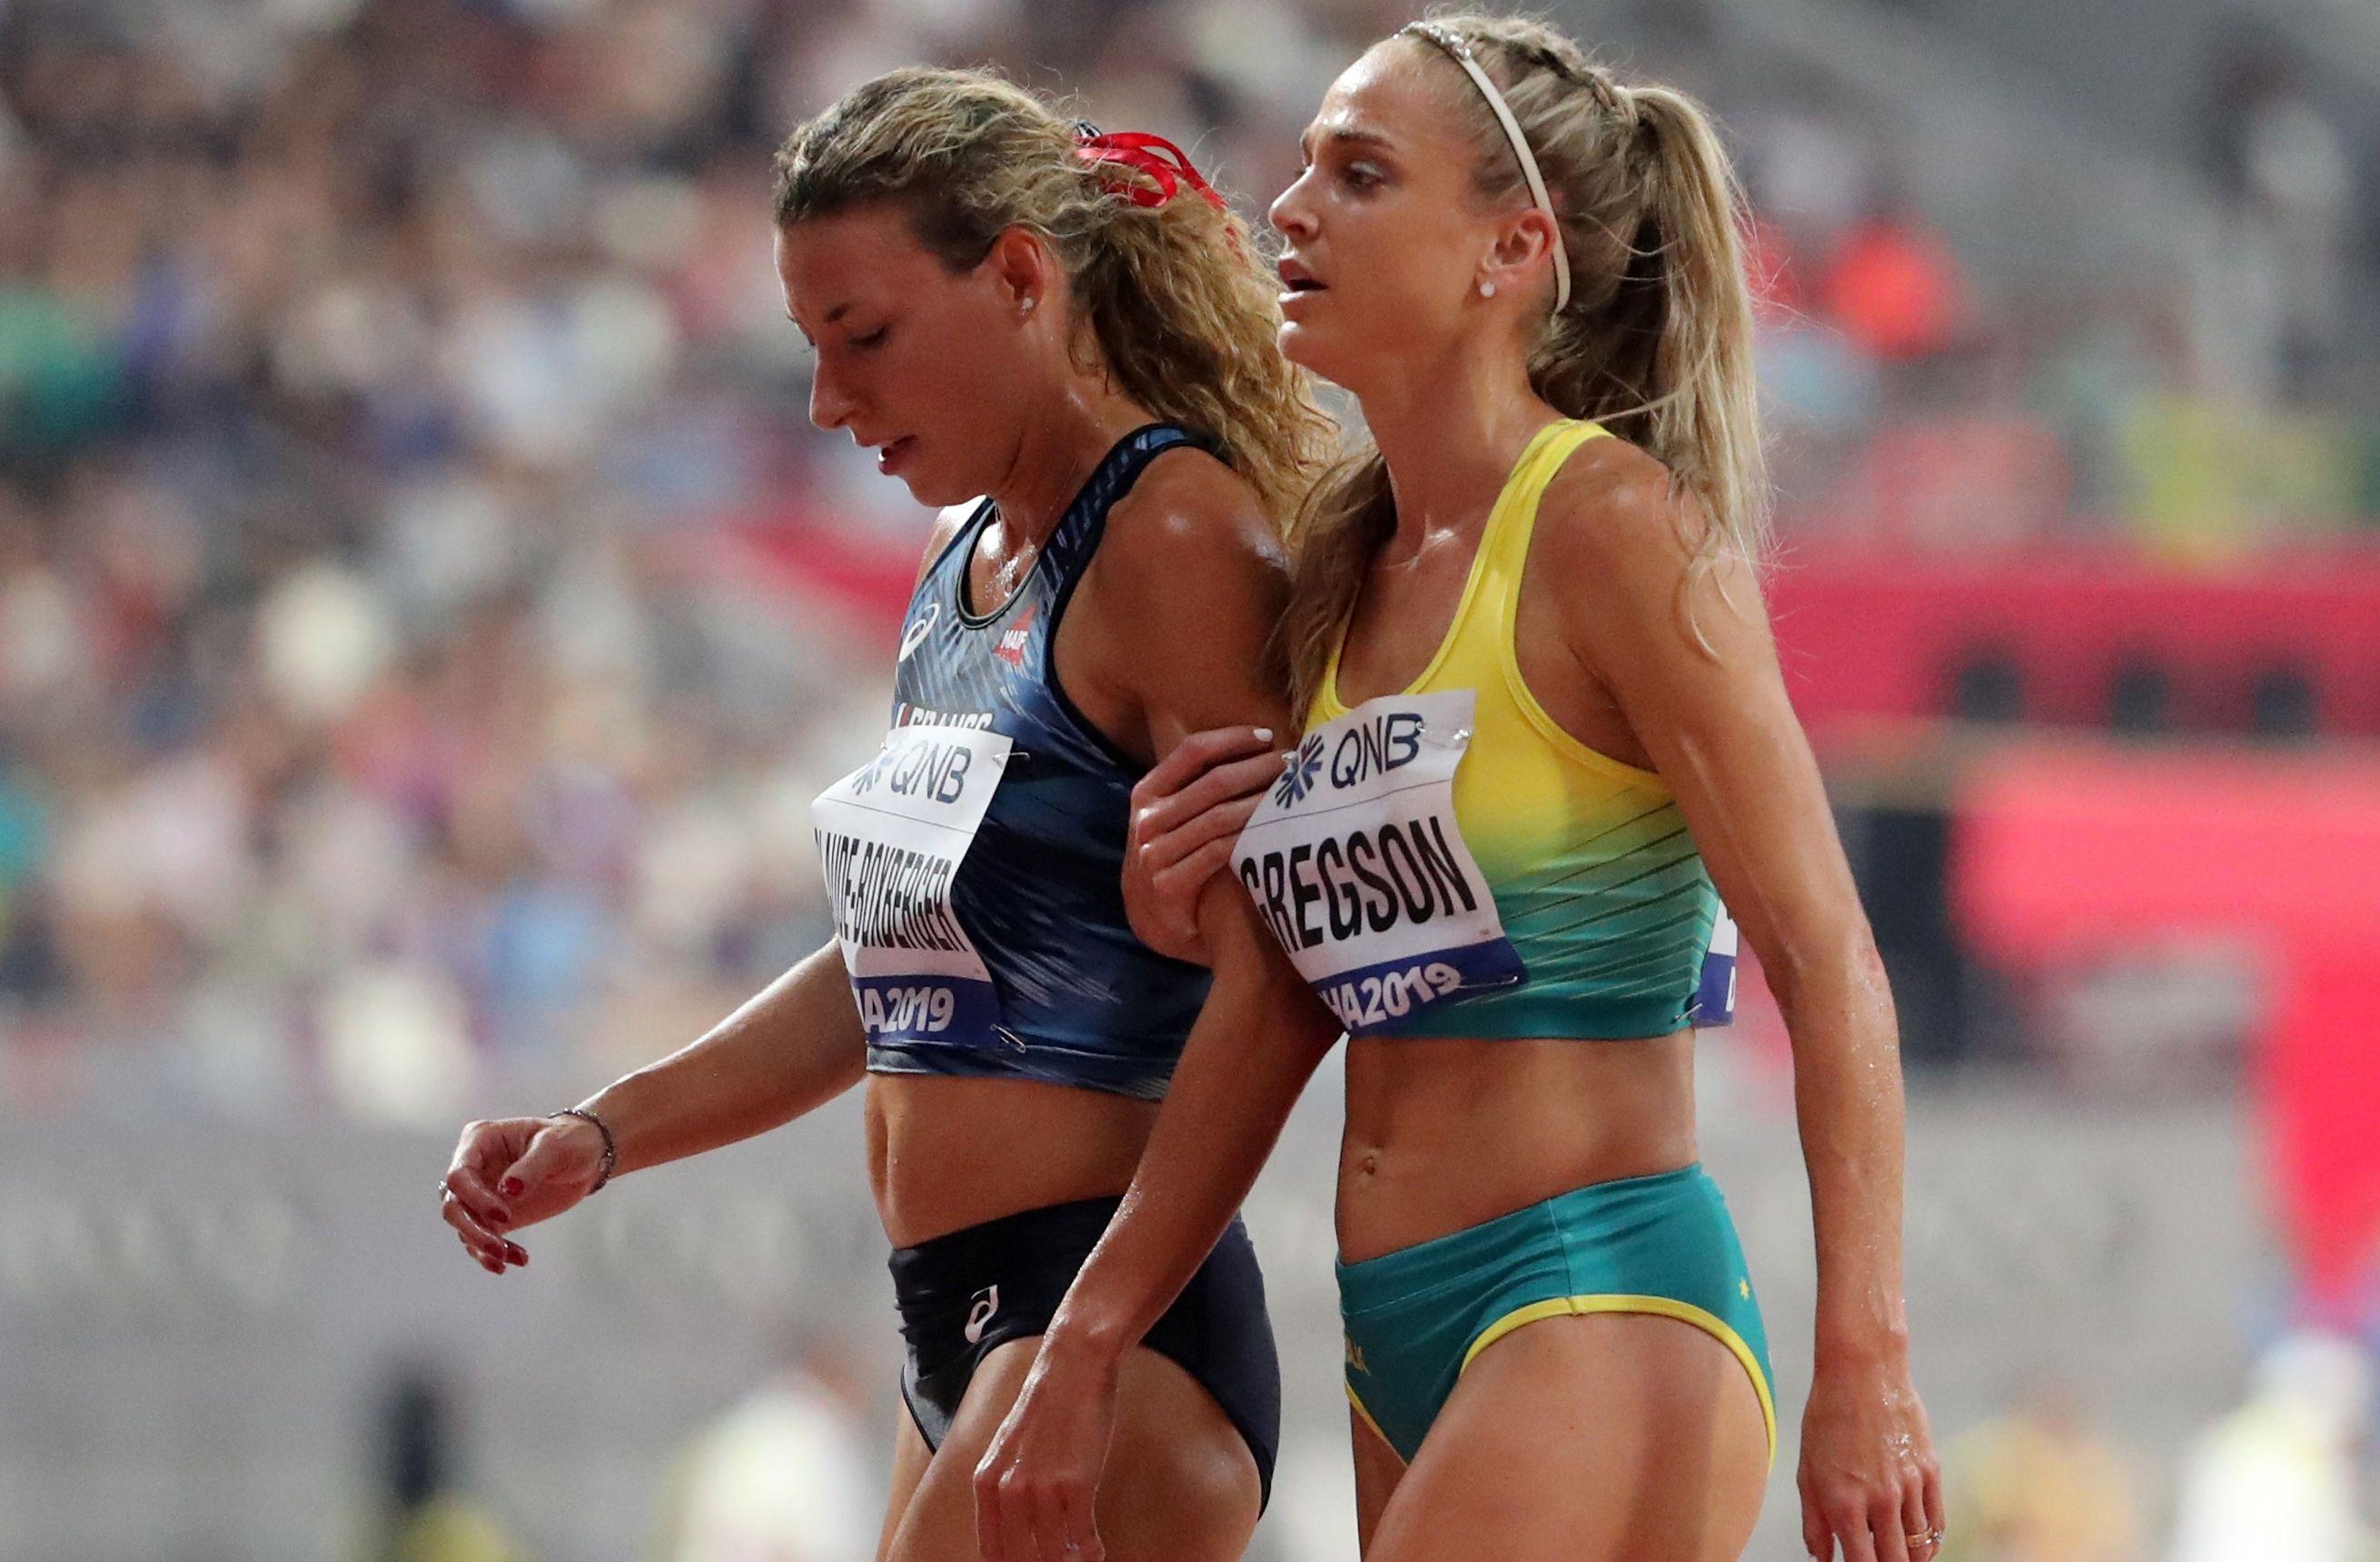 Athlétisme - Dopage : le Conseil d'Etat maintient la suspension d'Ophélie Claude-Boxberger